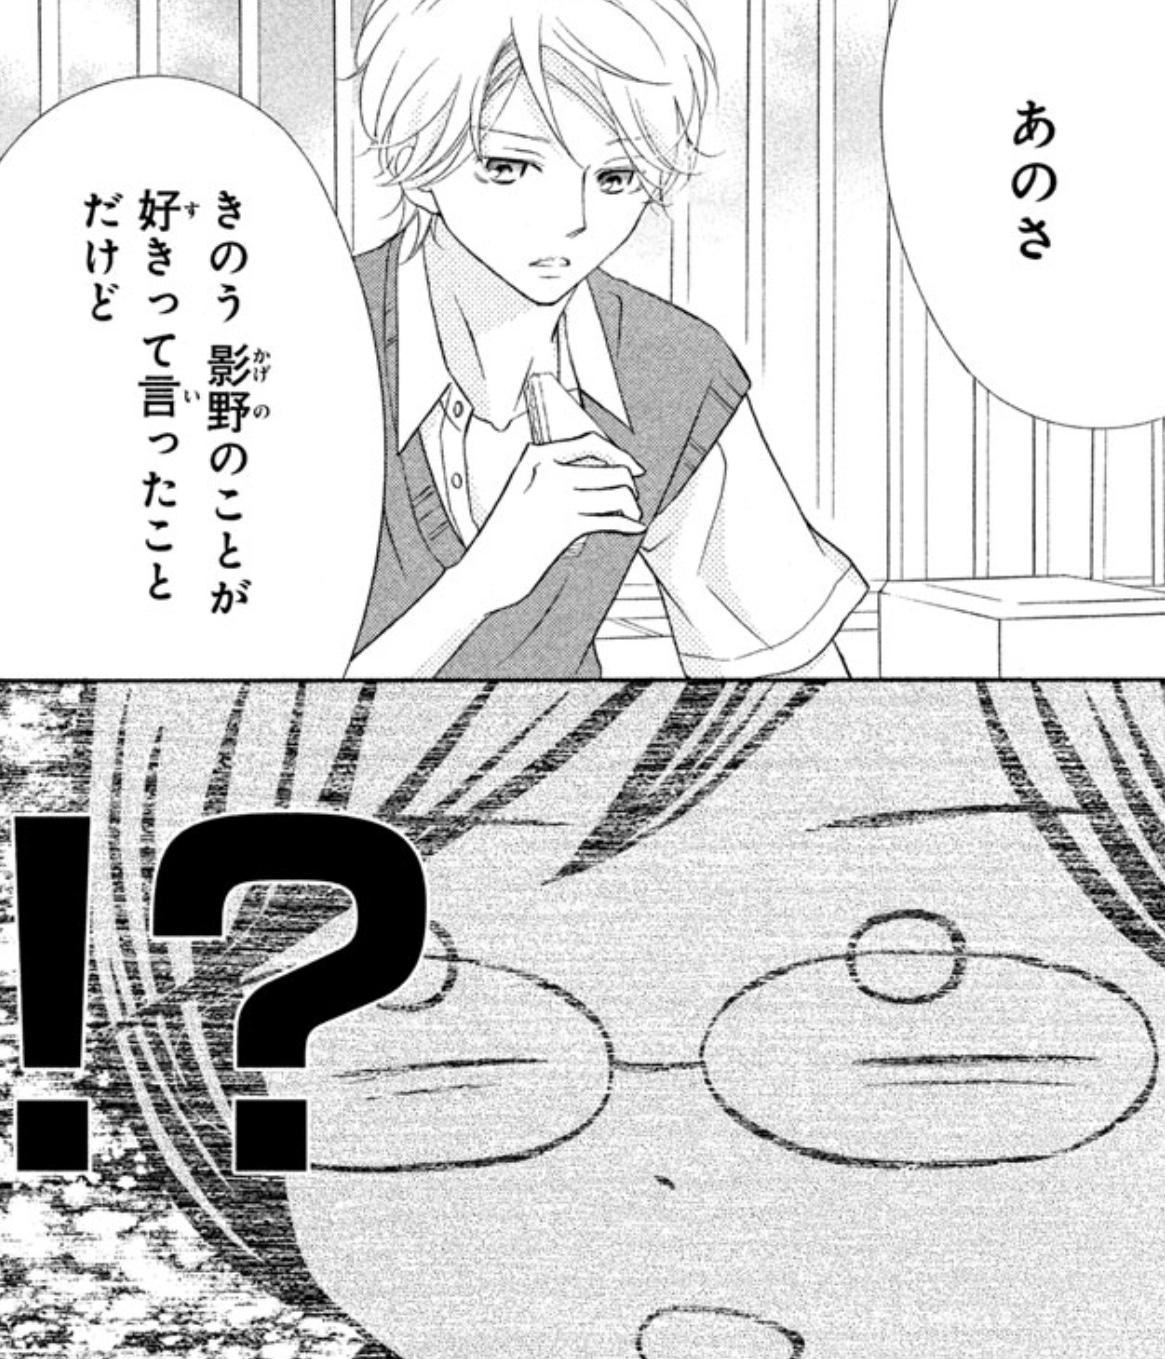 【影野さんだって青春したい】0円で読む方法!ネタバレと感想まとめ